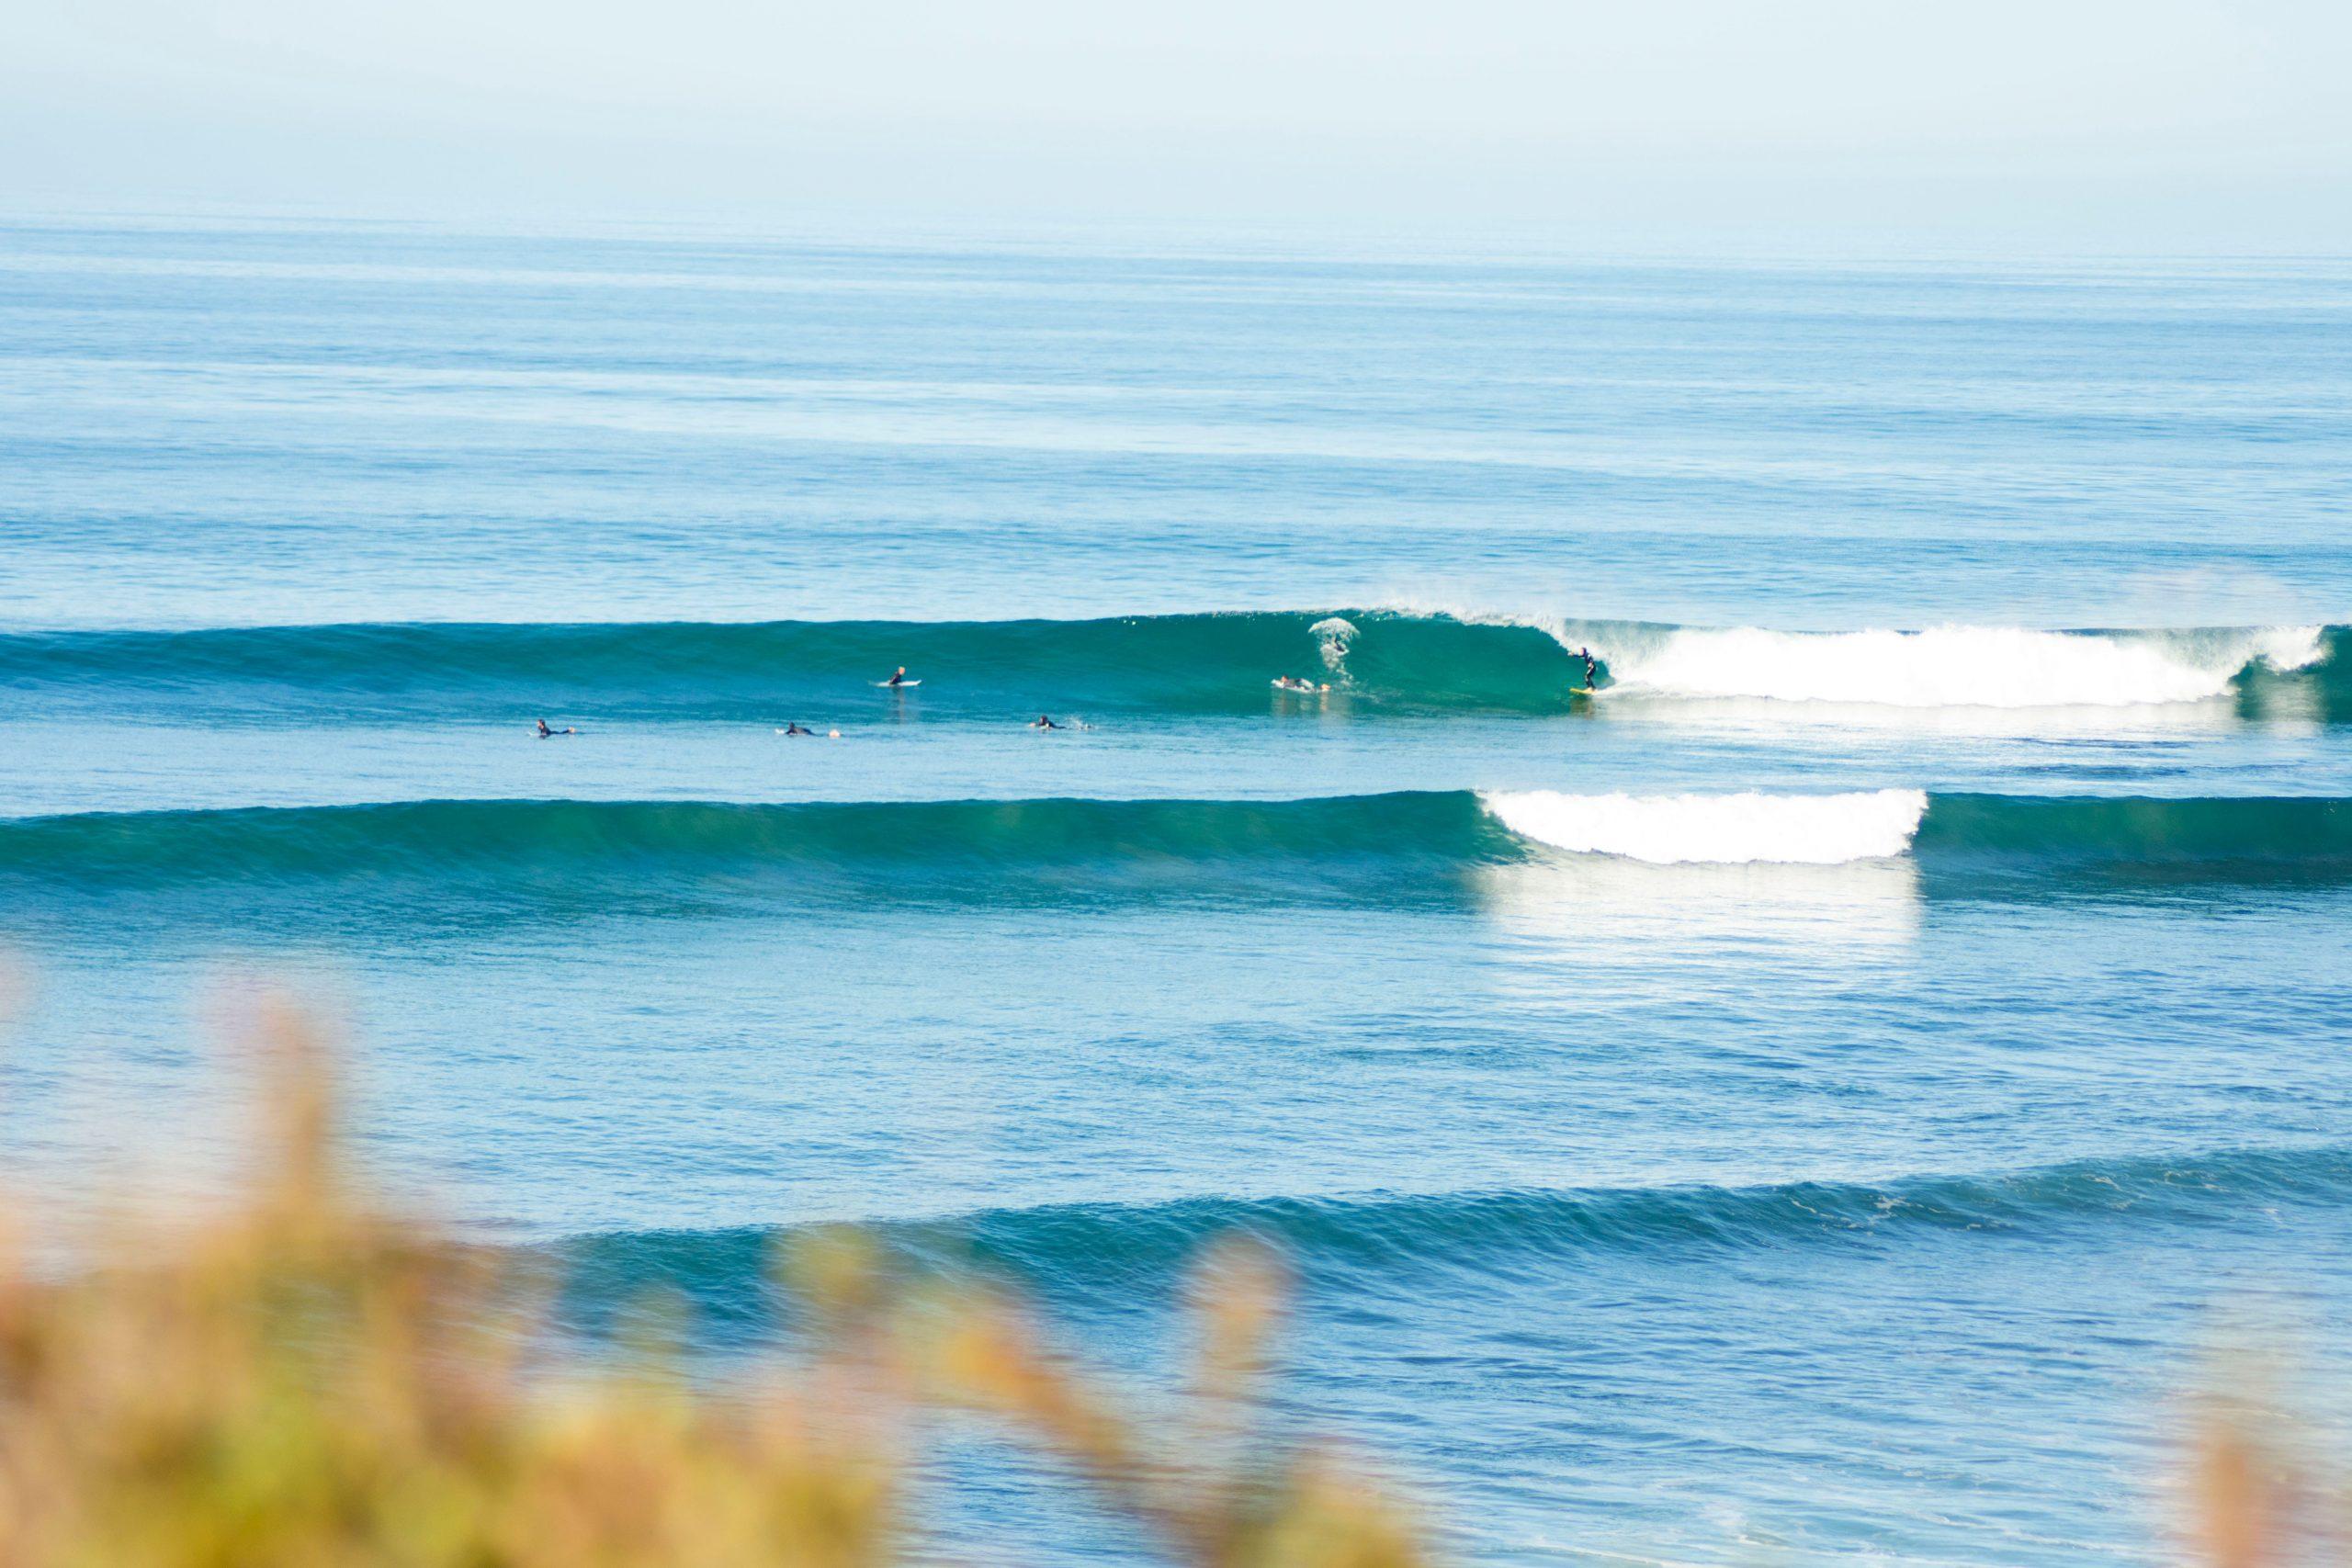 surf sots in Melbourne